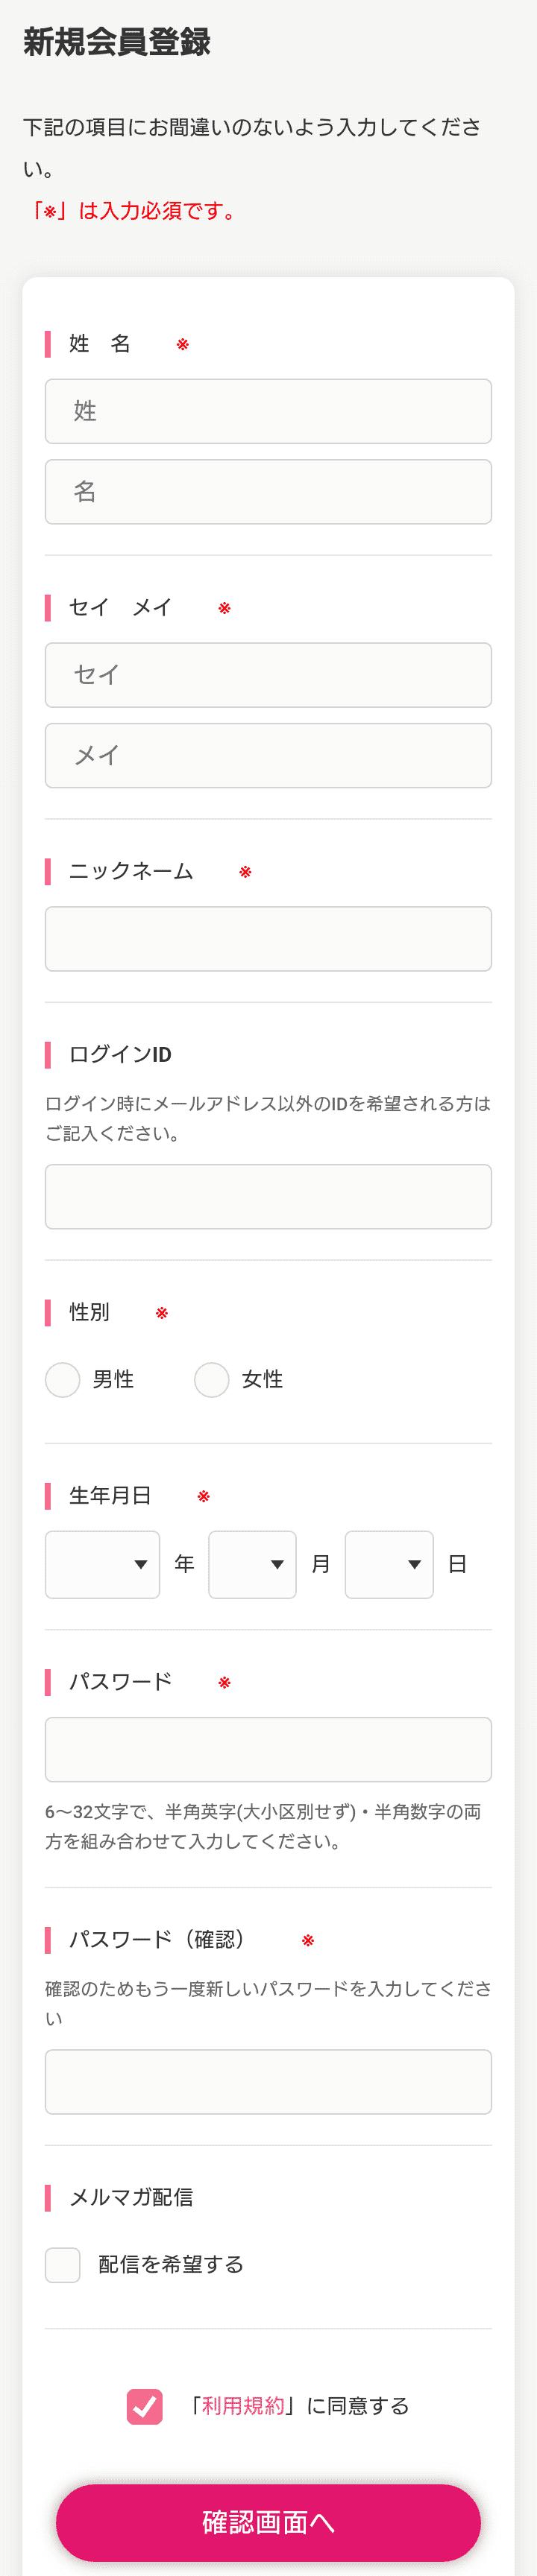 ぽいねこ(POINEKO)の登録方法